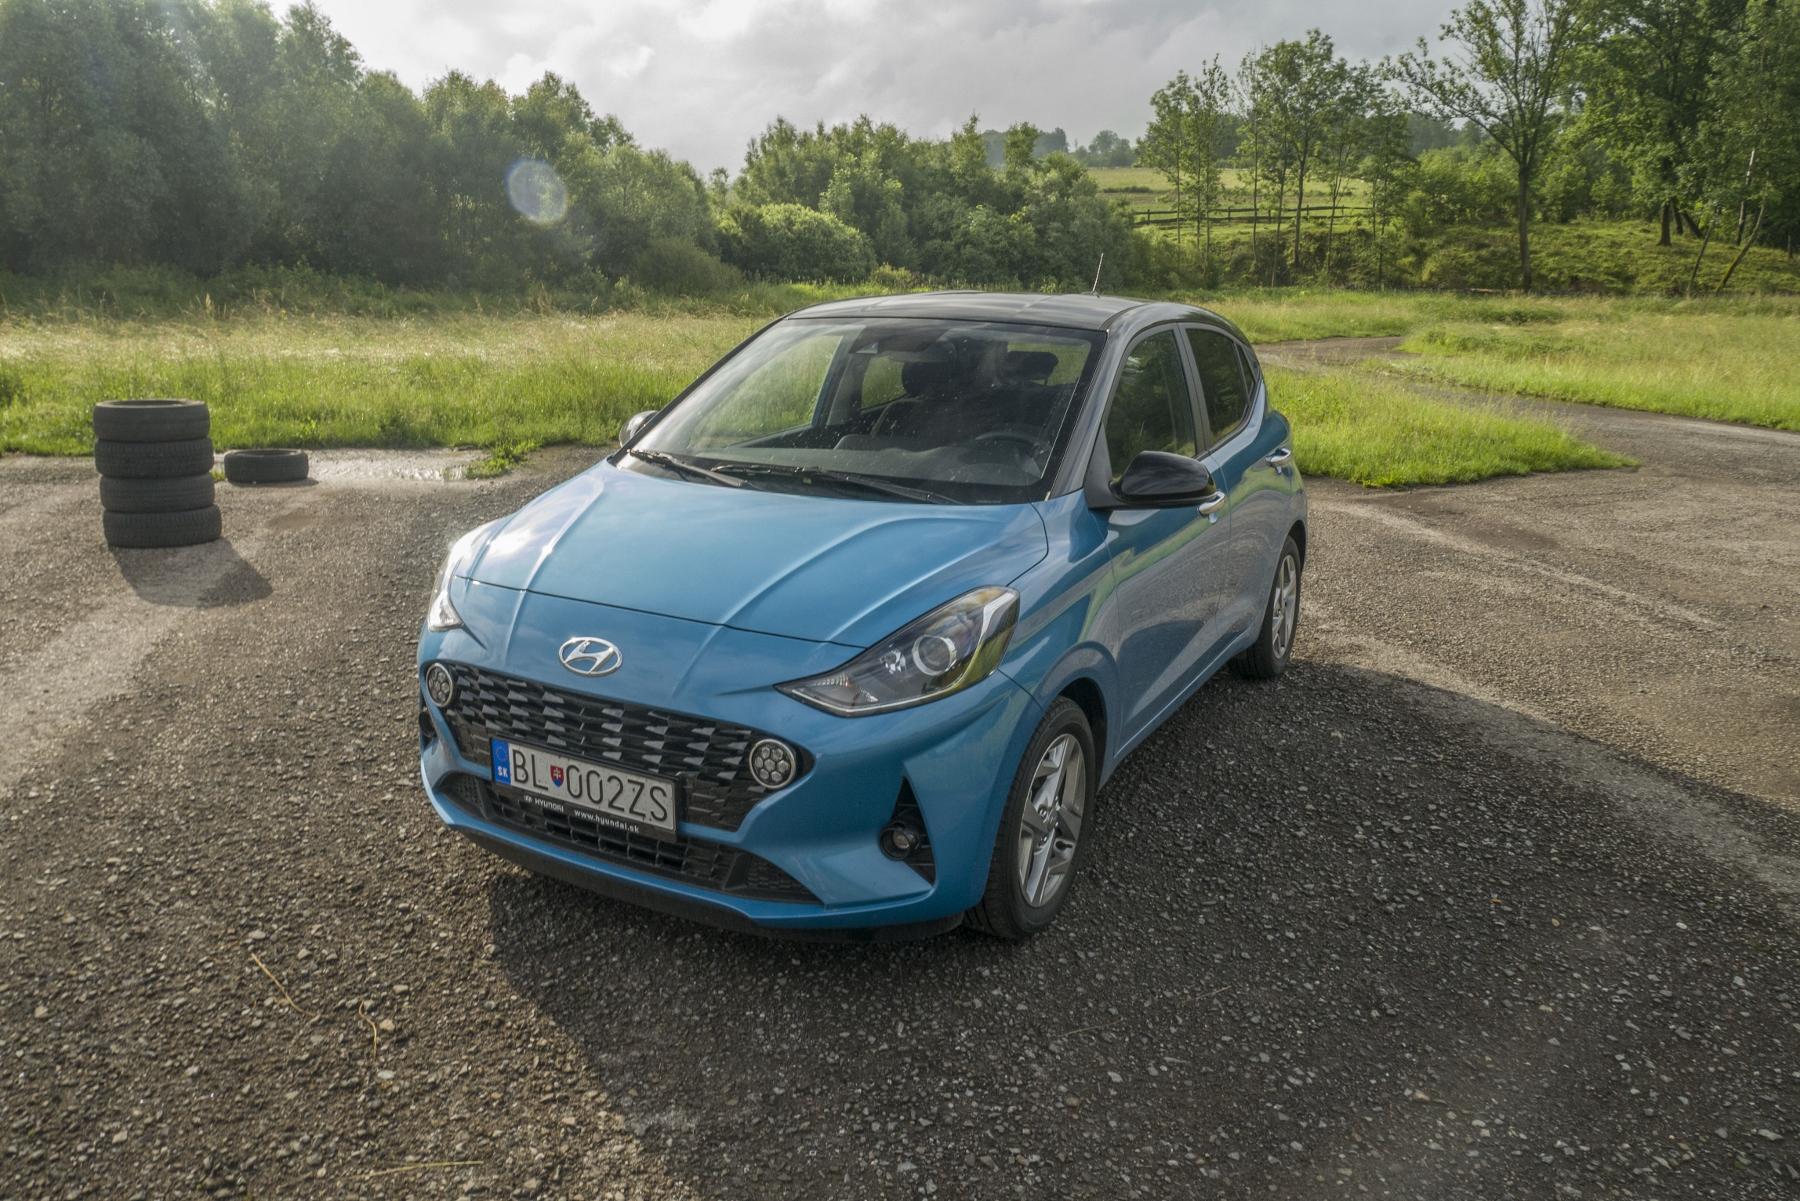 Test: Hyundai i10 je zameraný do mesta. Zo škatuľky vytŕča podvozkom hUkRLjXVLV hyundai-i10-21